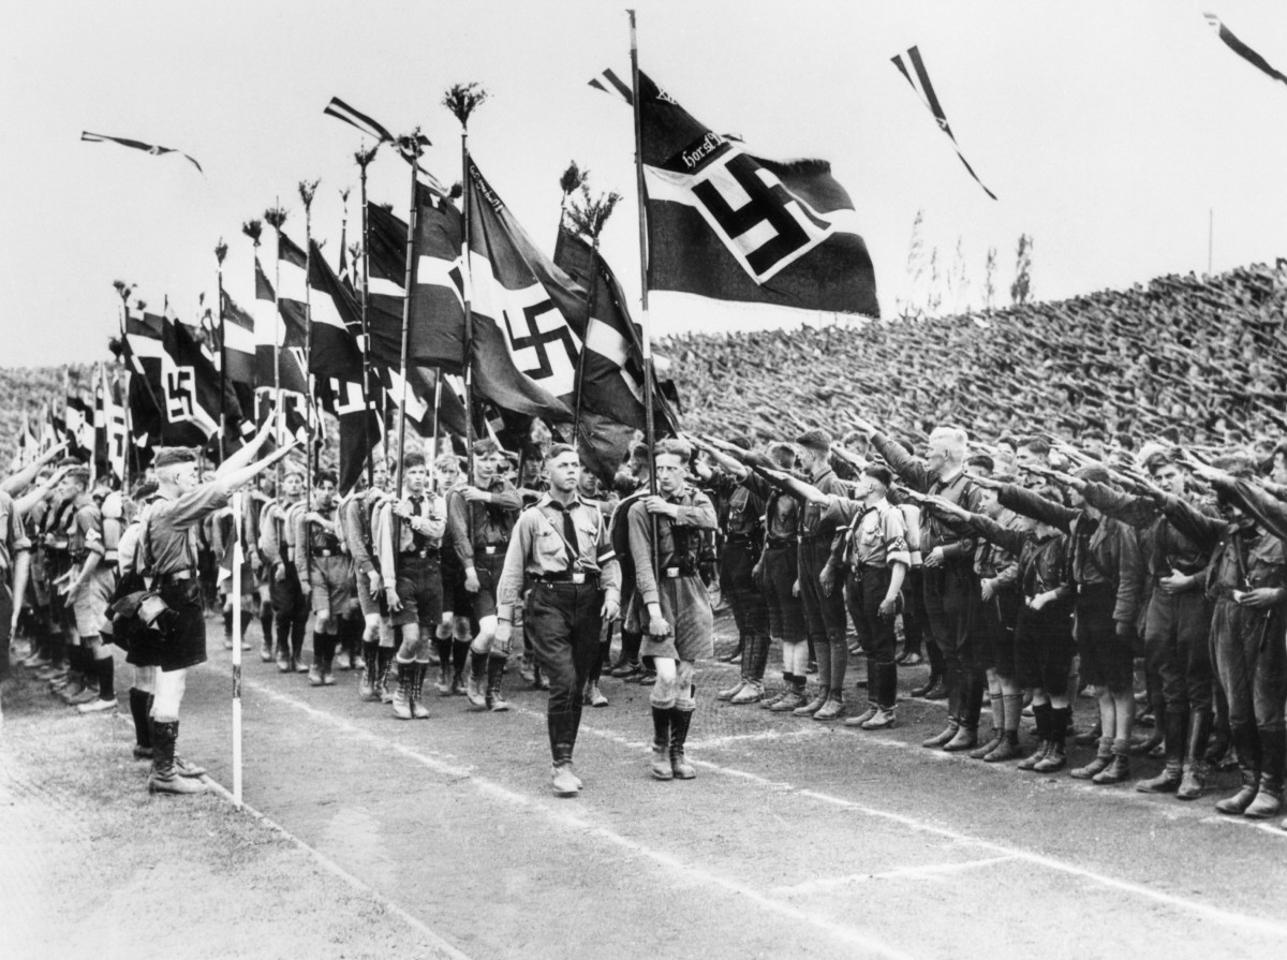 敢對納粹說不的孩子